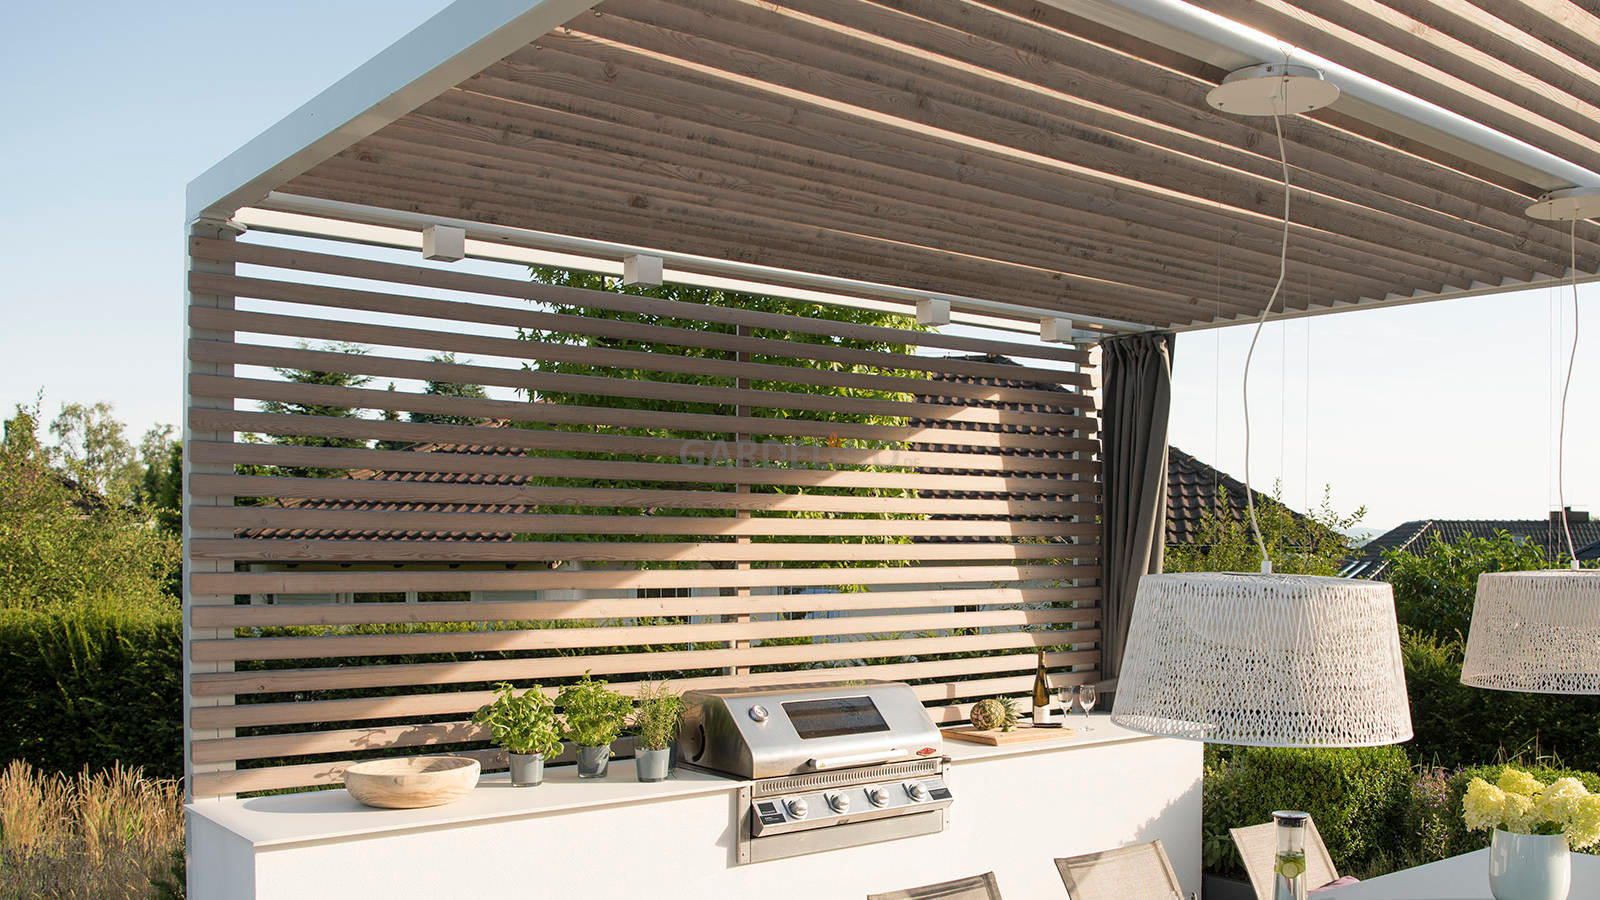 Outdoor Küchen Bilder : Outdoorküche planen tipps rund um den freiluft kochplatz mein